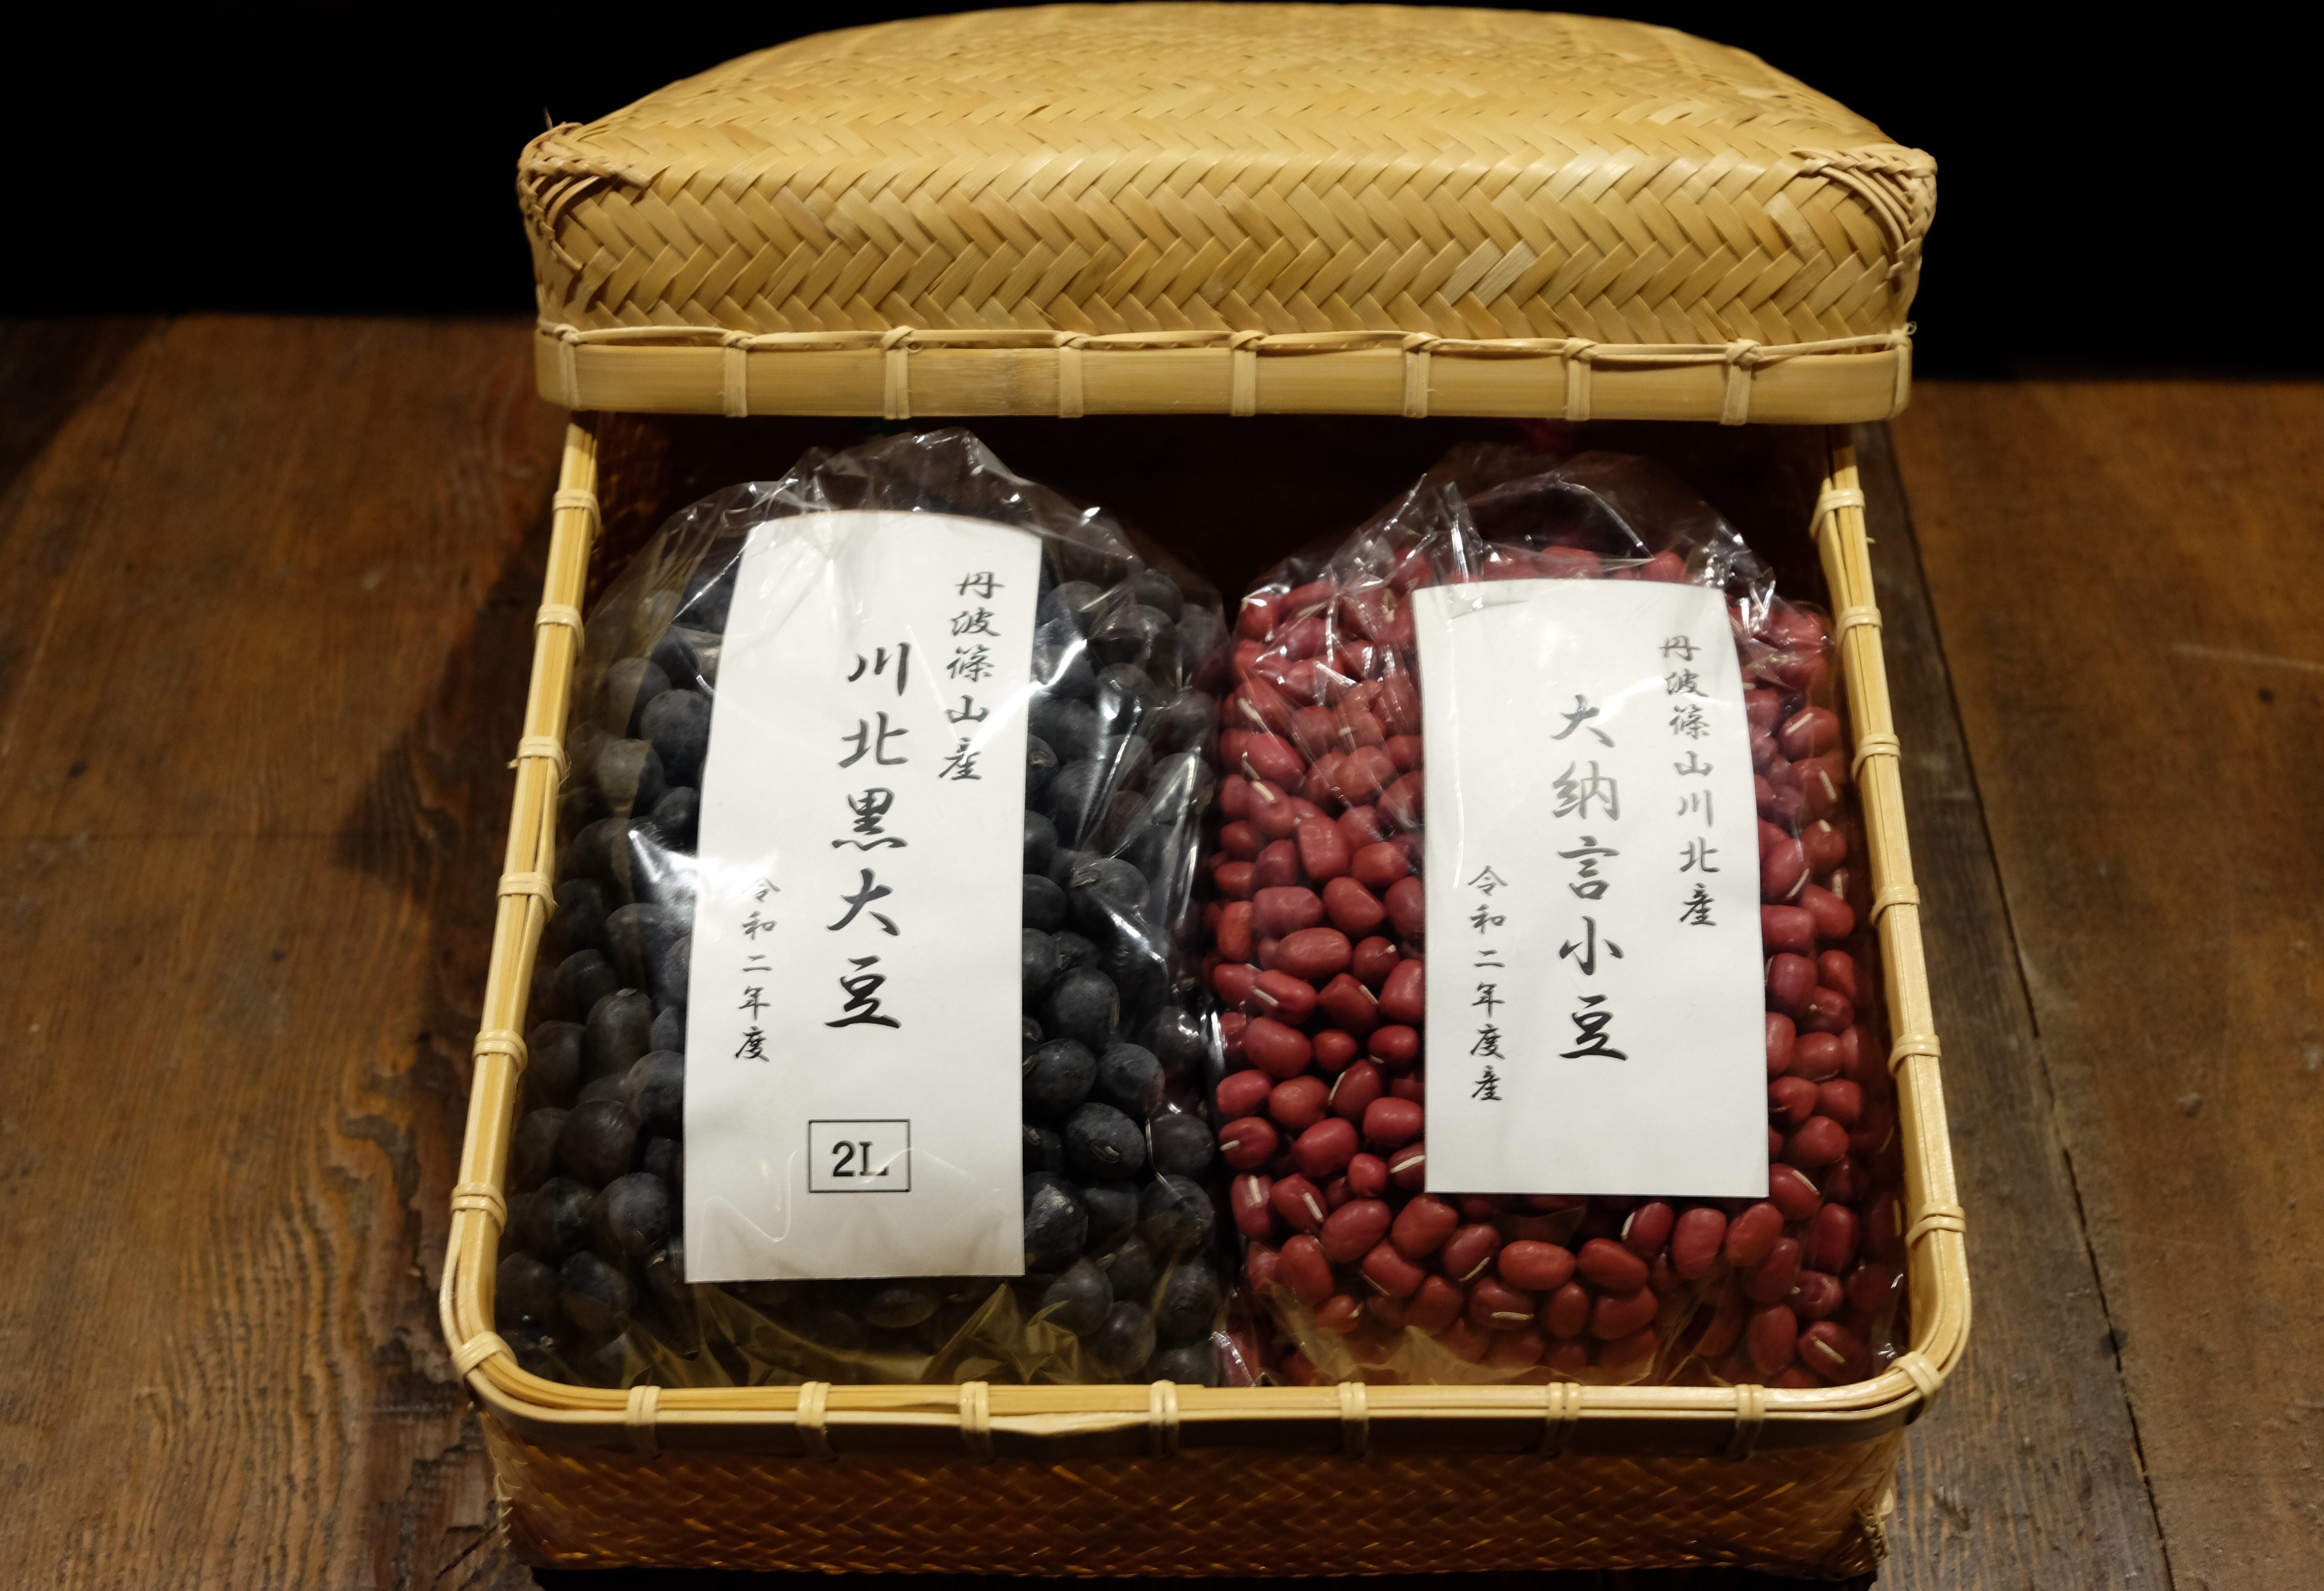 丹波篠山産 令和二年度 川北黒大豆・大納言小豆 入荷いたしました。